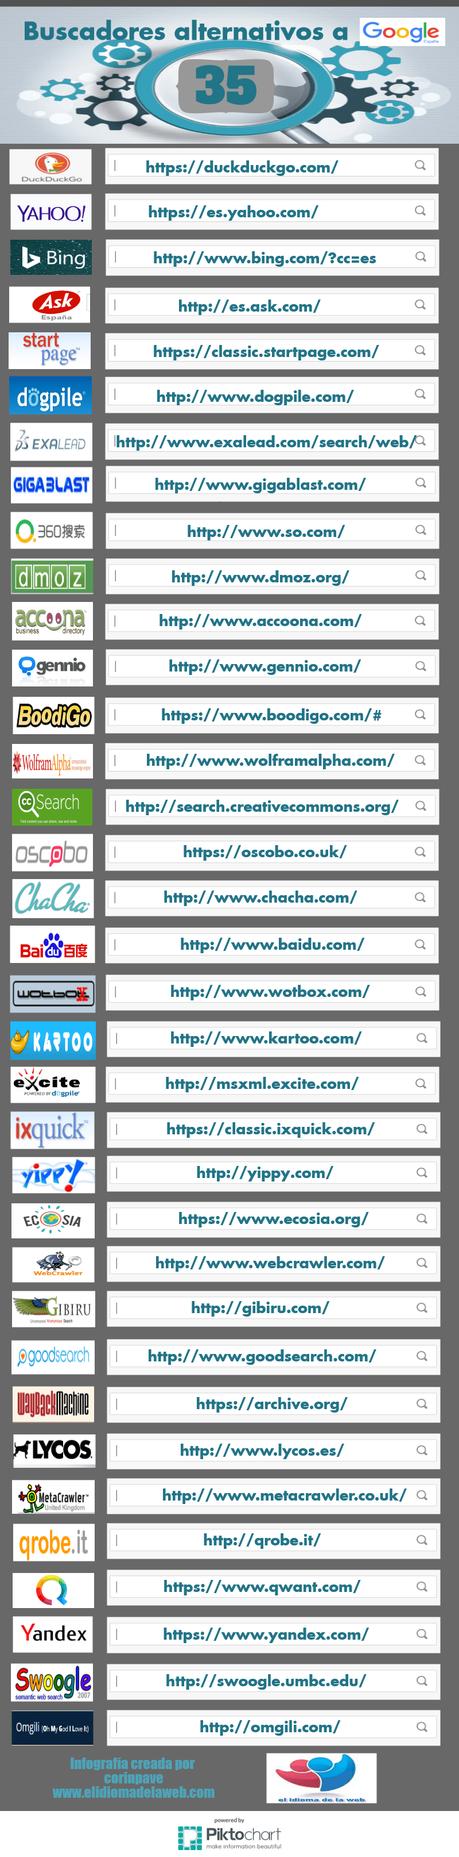 infografía 35 buscadores alternativos a google